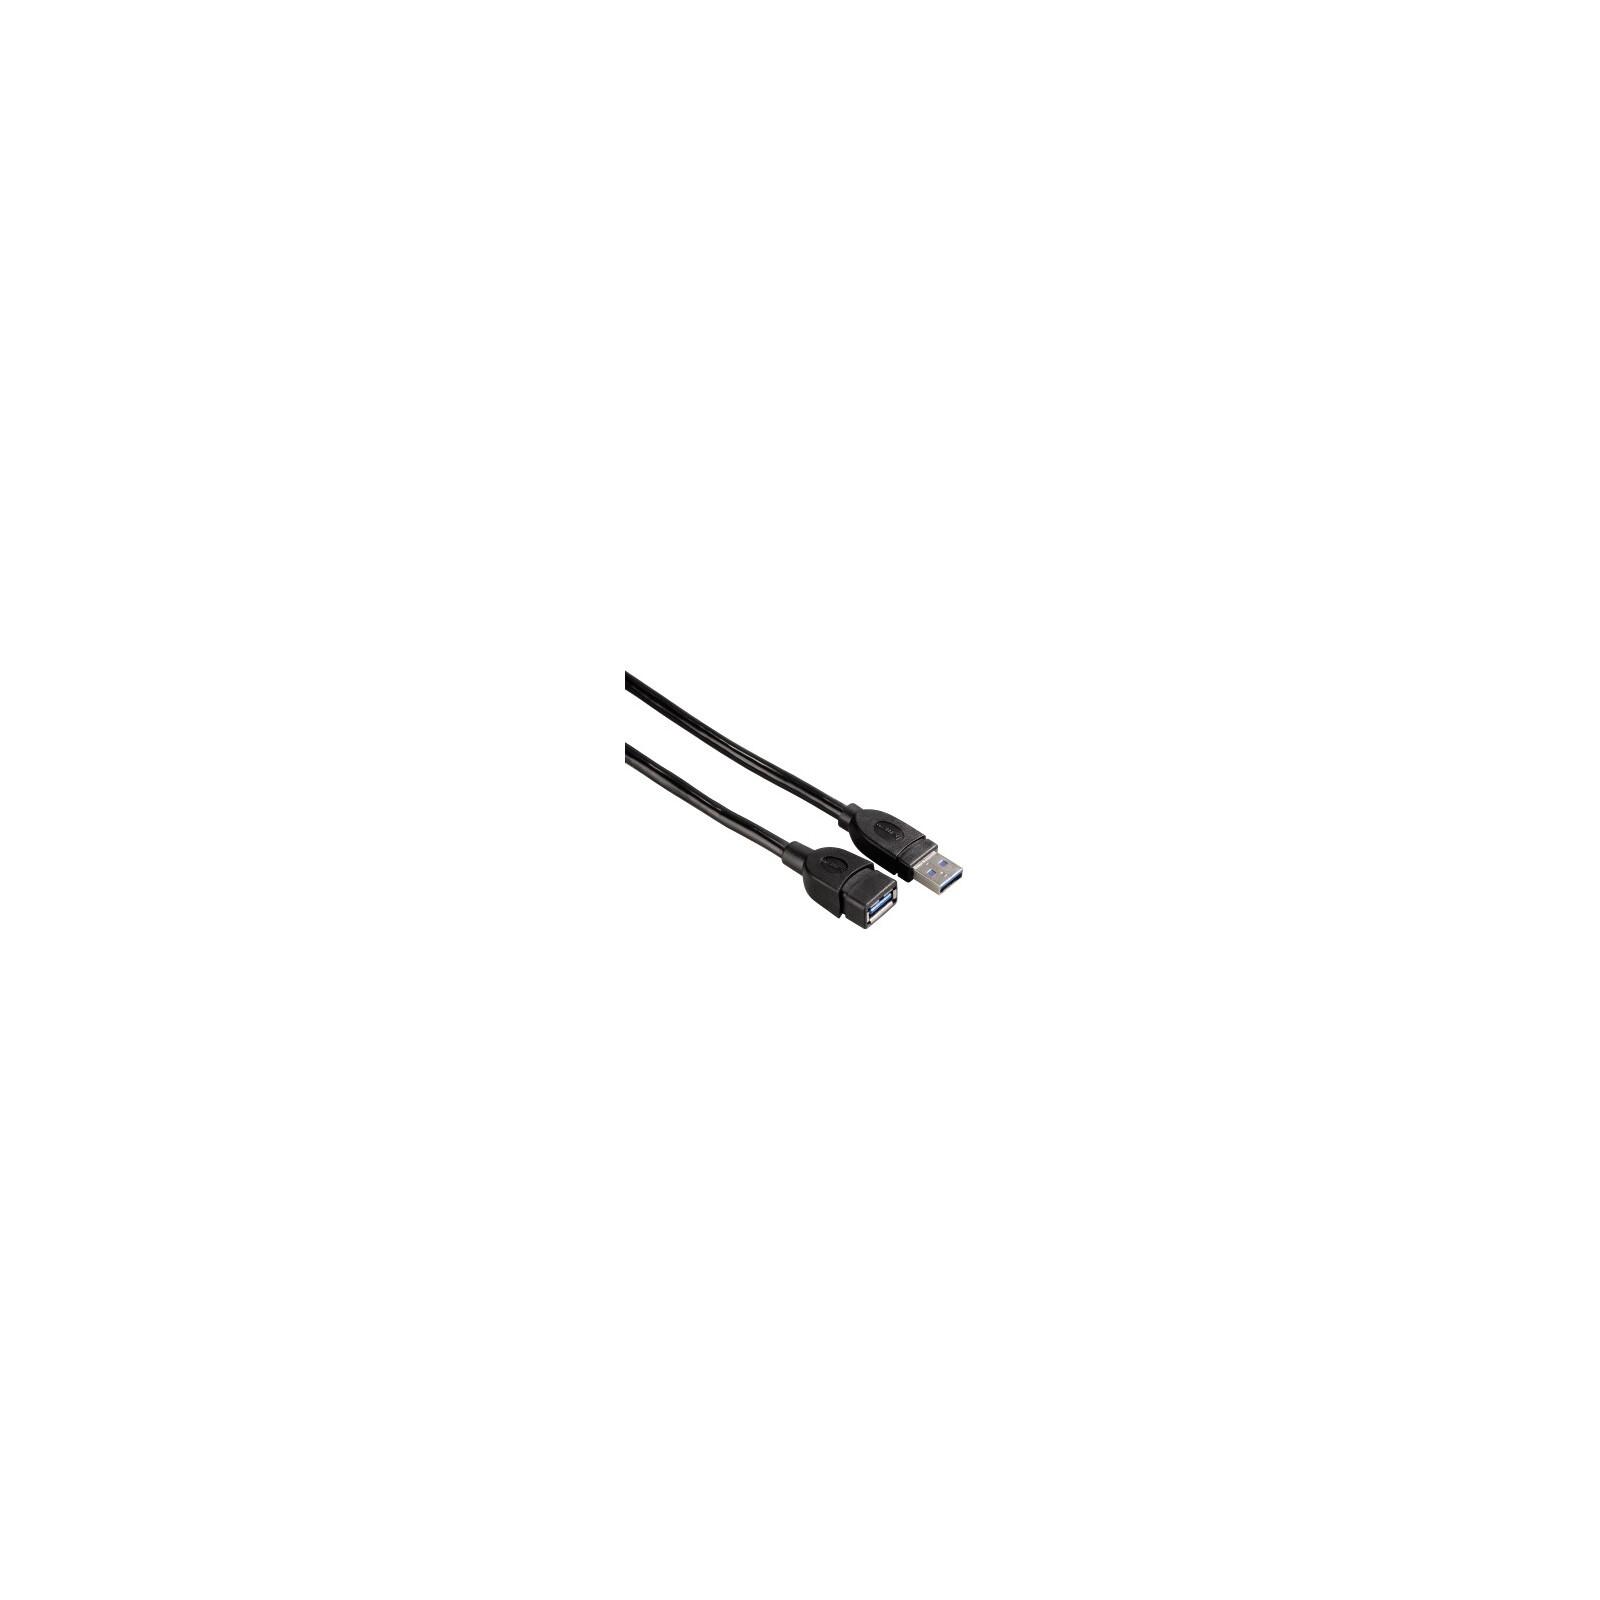 Hama 54505 USB 3.0 Verlängerungskabel 1,80m